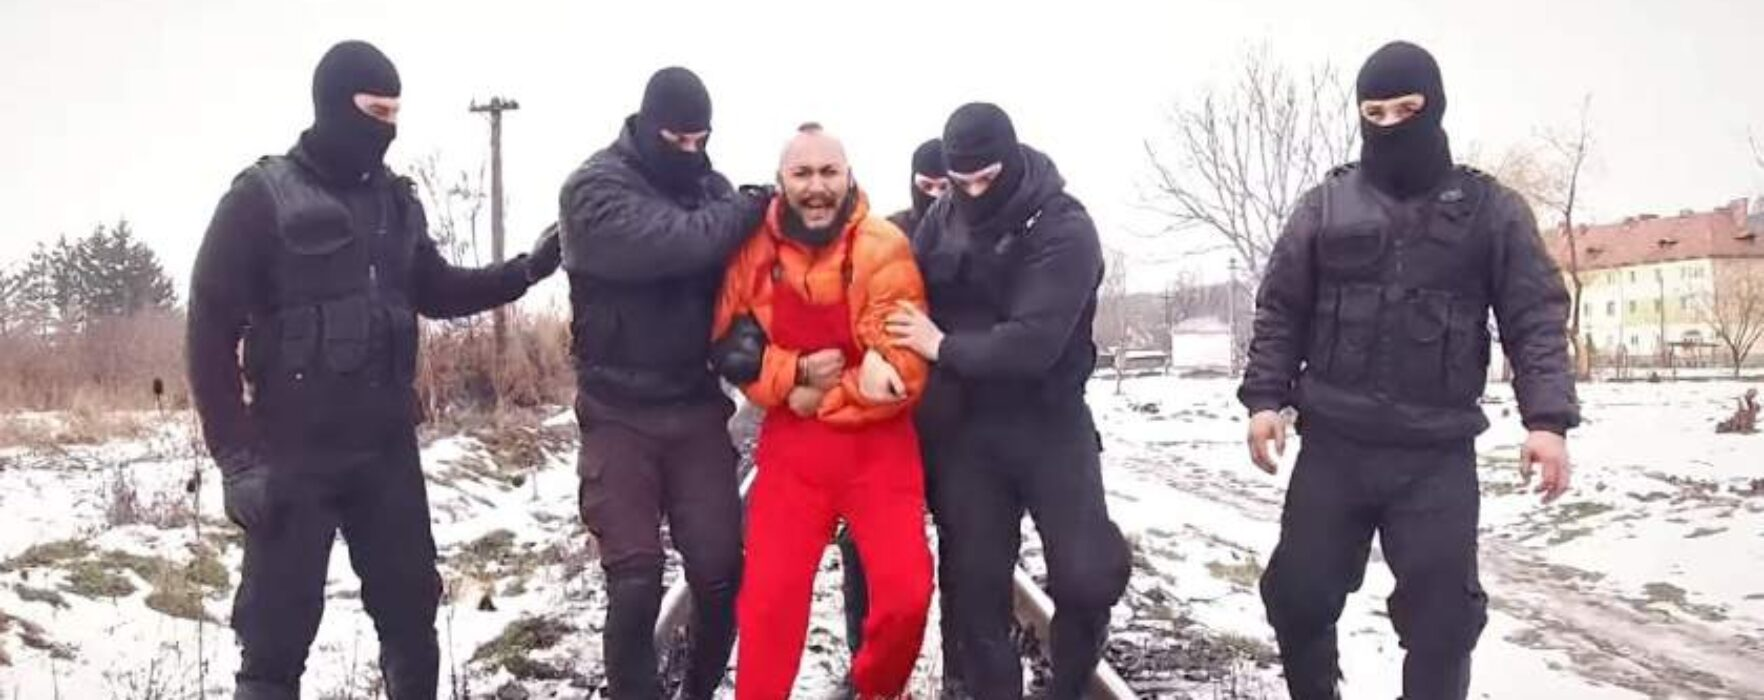 Anchetă la Jandarmeria Dâmboviţa, după ce mai mulţi mascaţi apar în videoclipul manelistului Dani Mocanu (video)